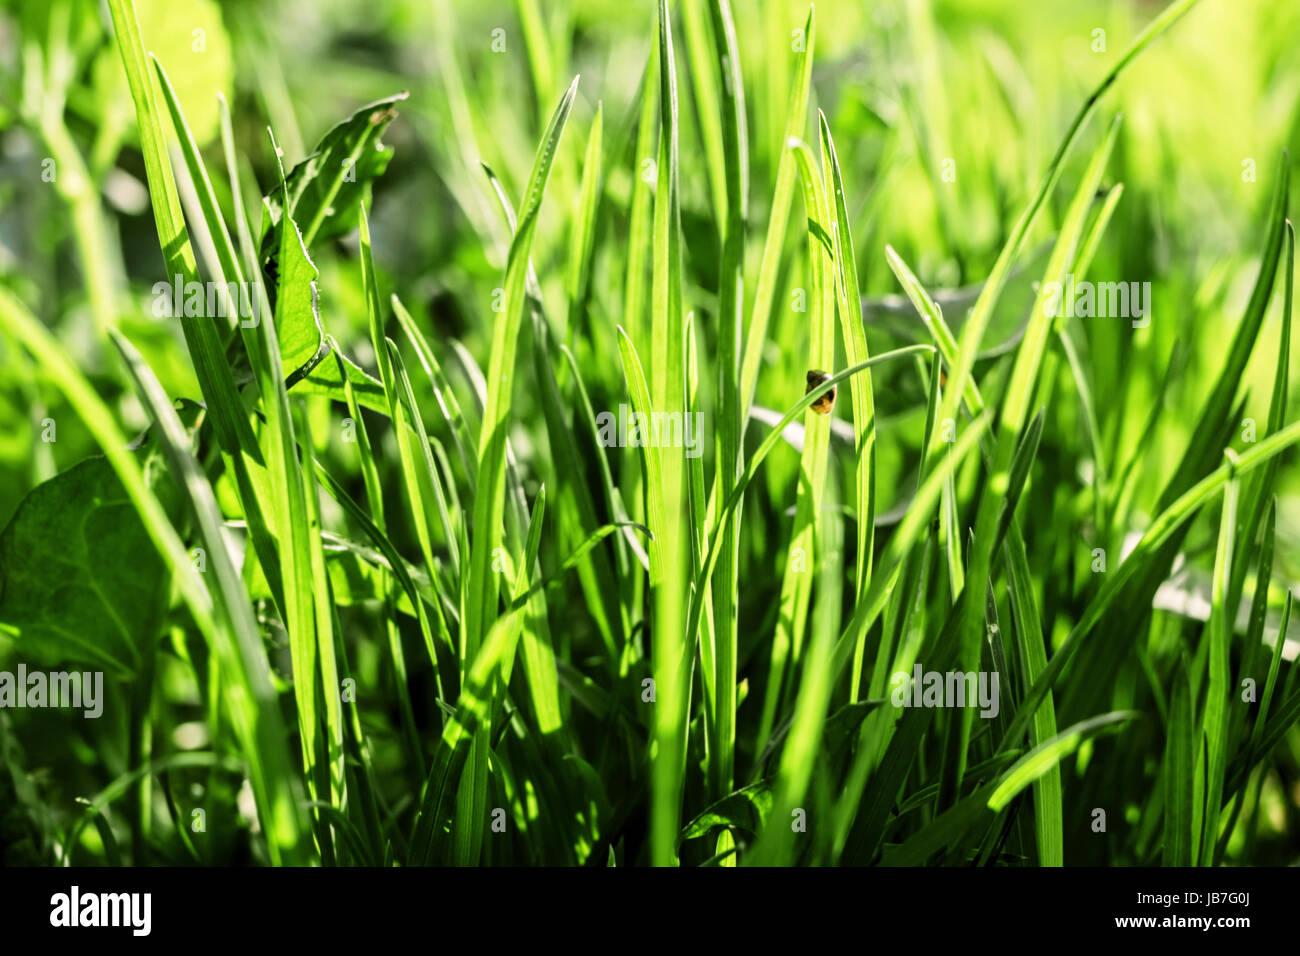 Junge Frühling grünen Rasen von Sonne beschienen Stockfoto